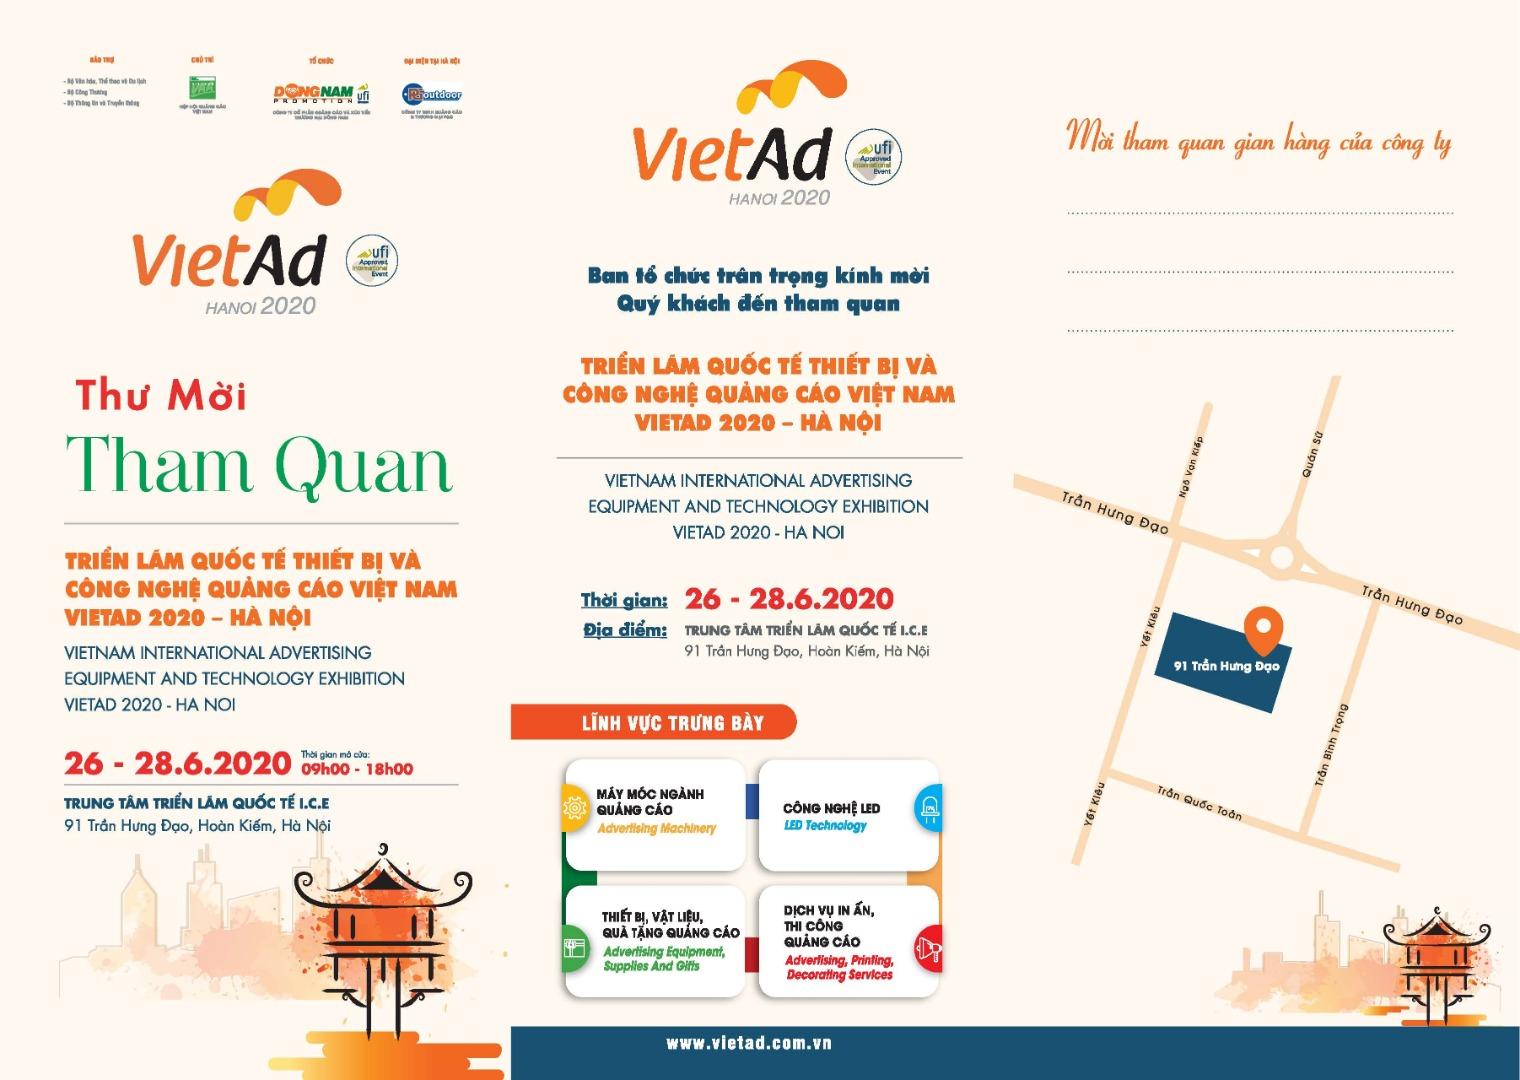 Triển lãm Vietad 2020 Hà Nội